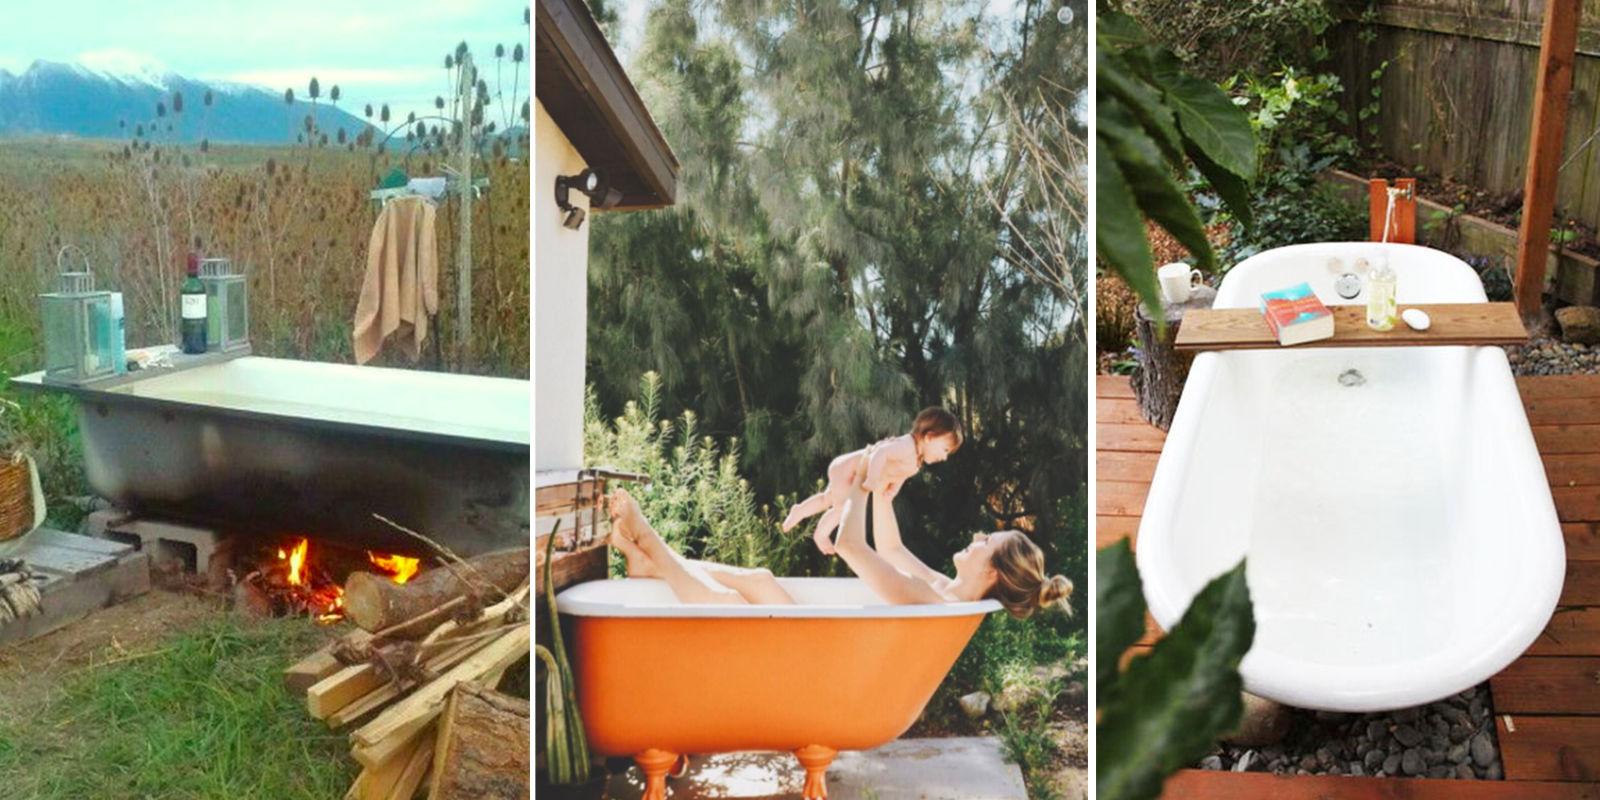 Backyard Bathtubs for Soaking Up the Great Outdoors ... on Backyard Bathroom Ideas  id=43105